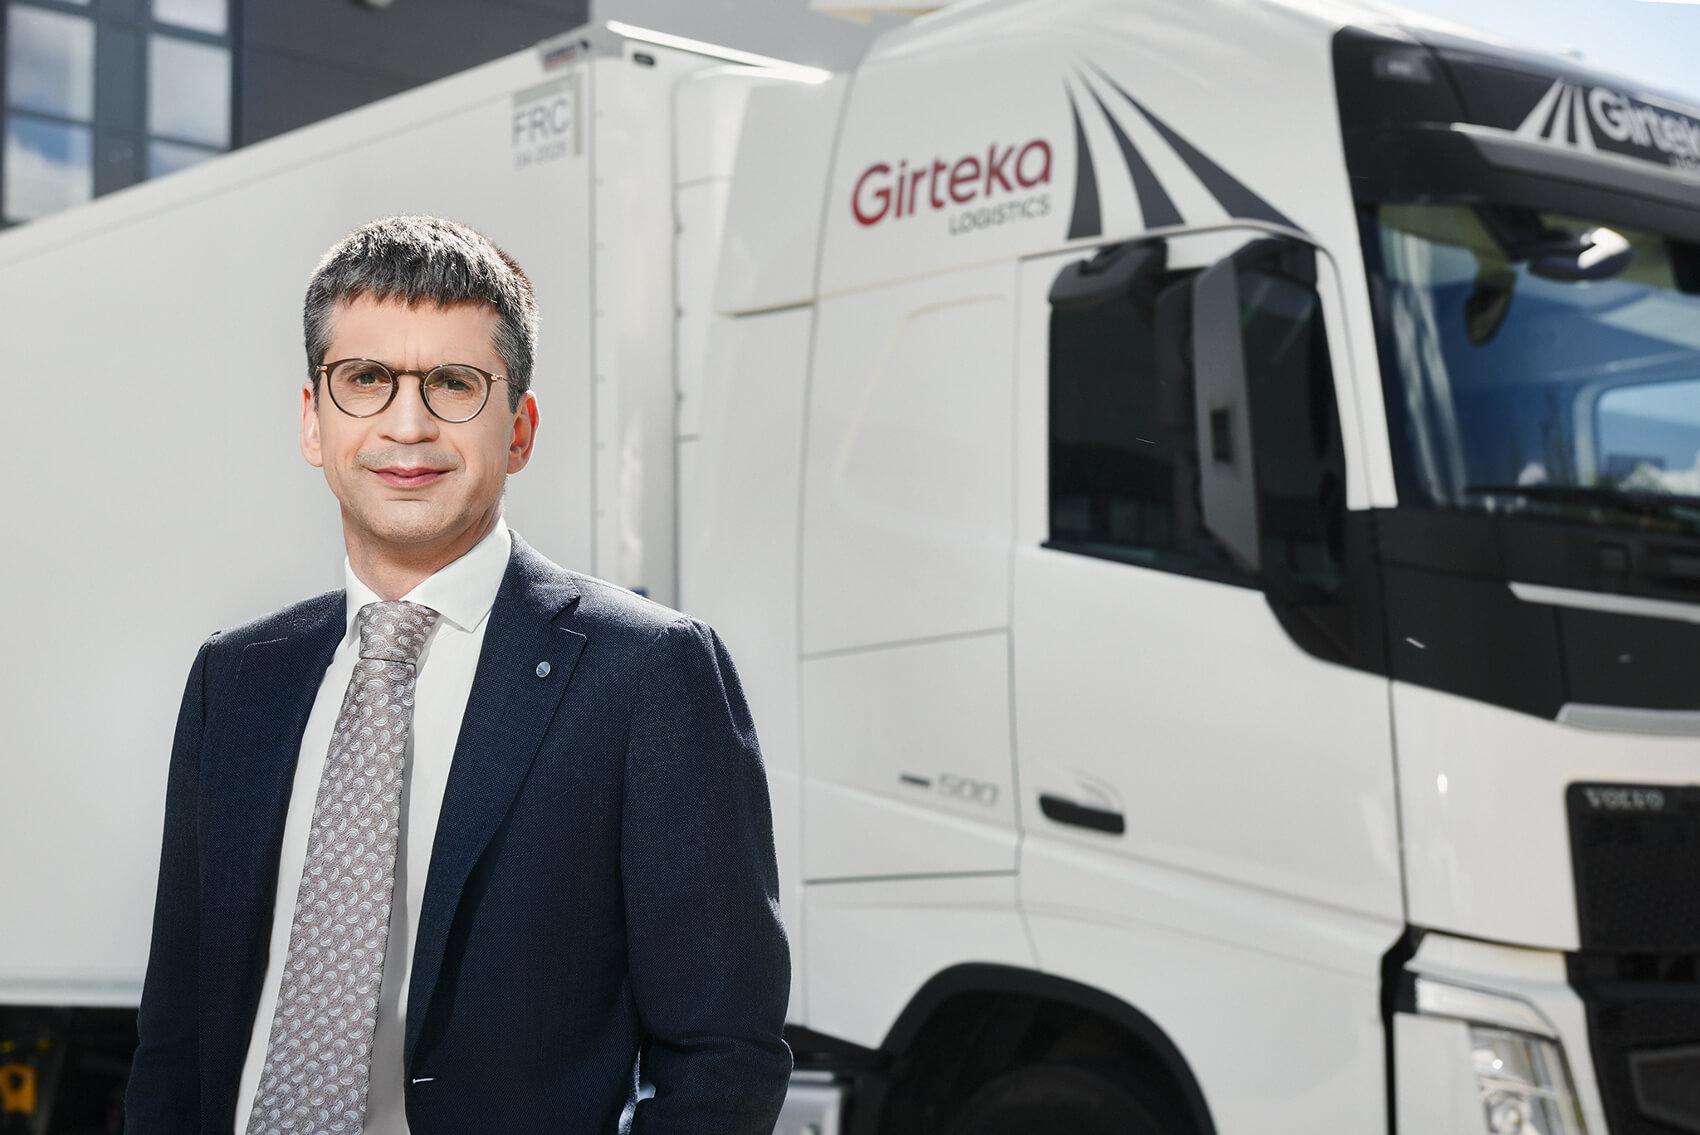 Tylko u nas: Wywiad z prezesem Girteka Logistics. Kulisy wdrożenia telematyki u największego przewoźnika w Europie